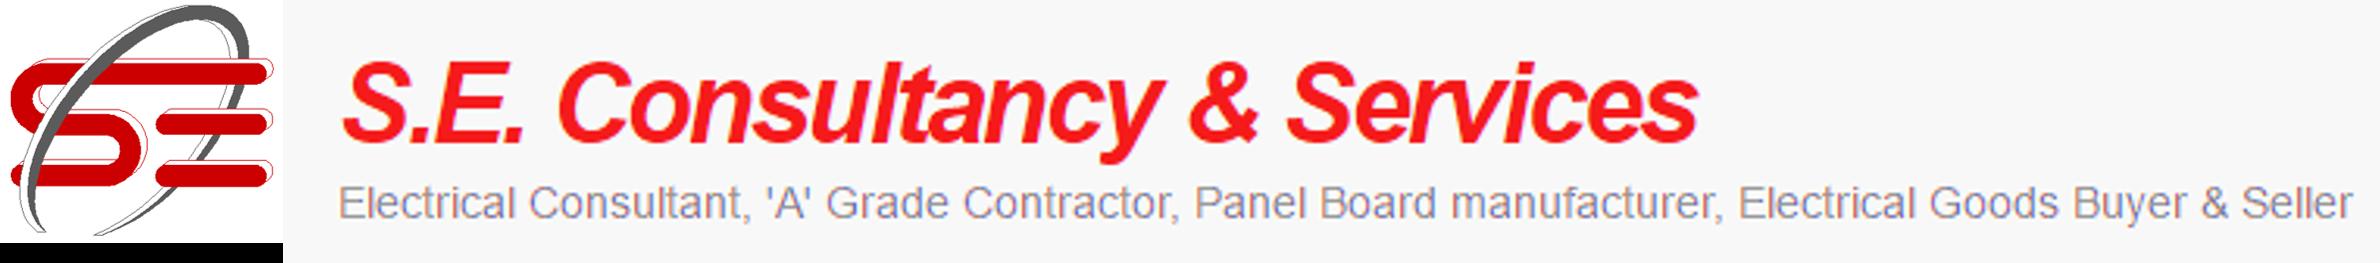 S.E. Consultancy & Services